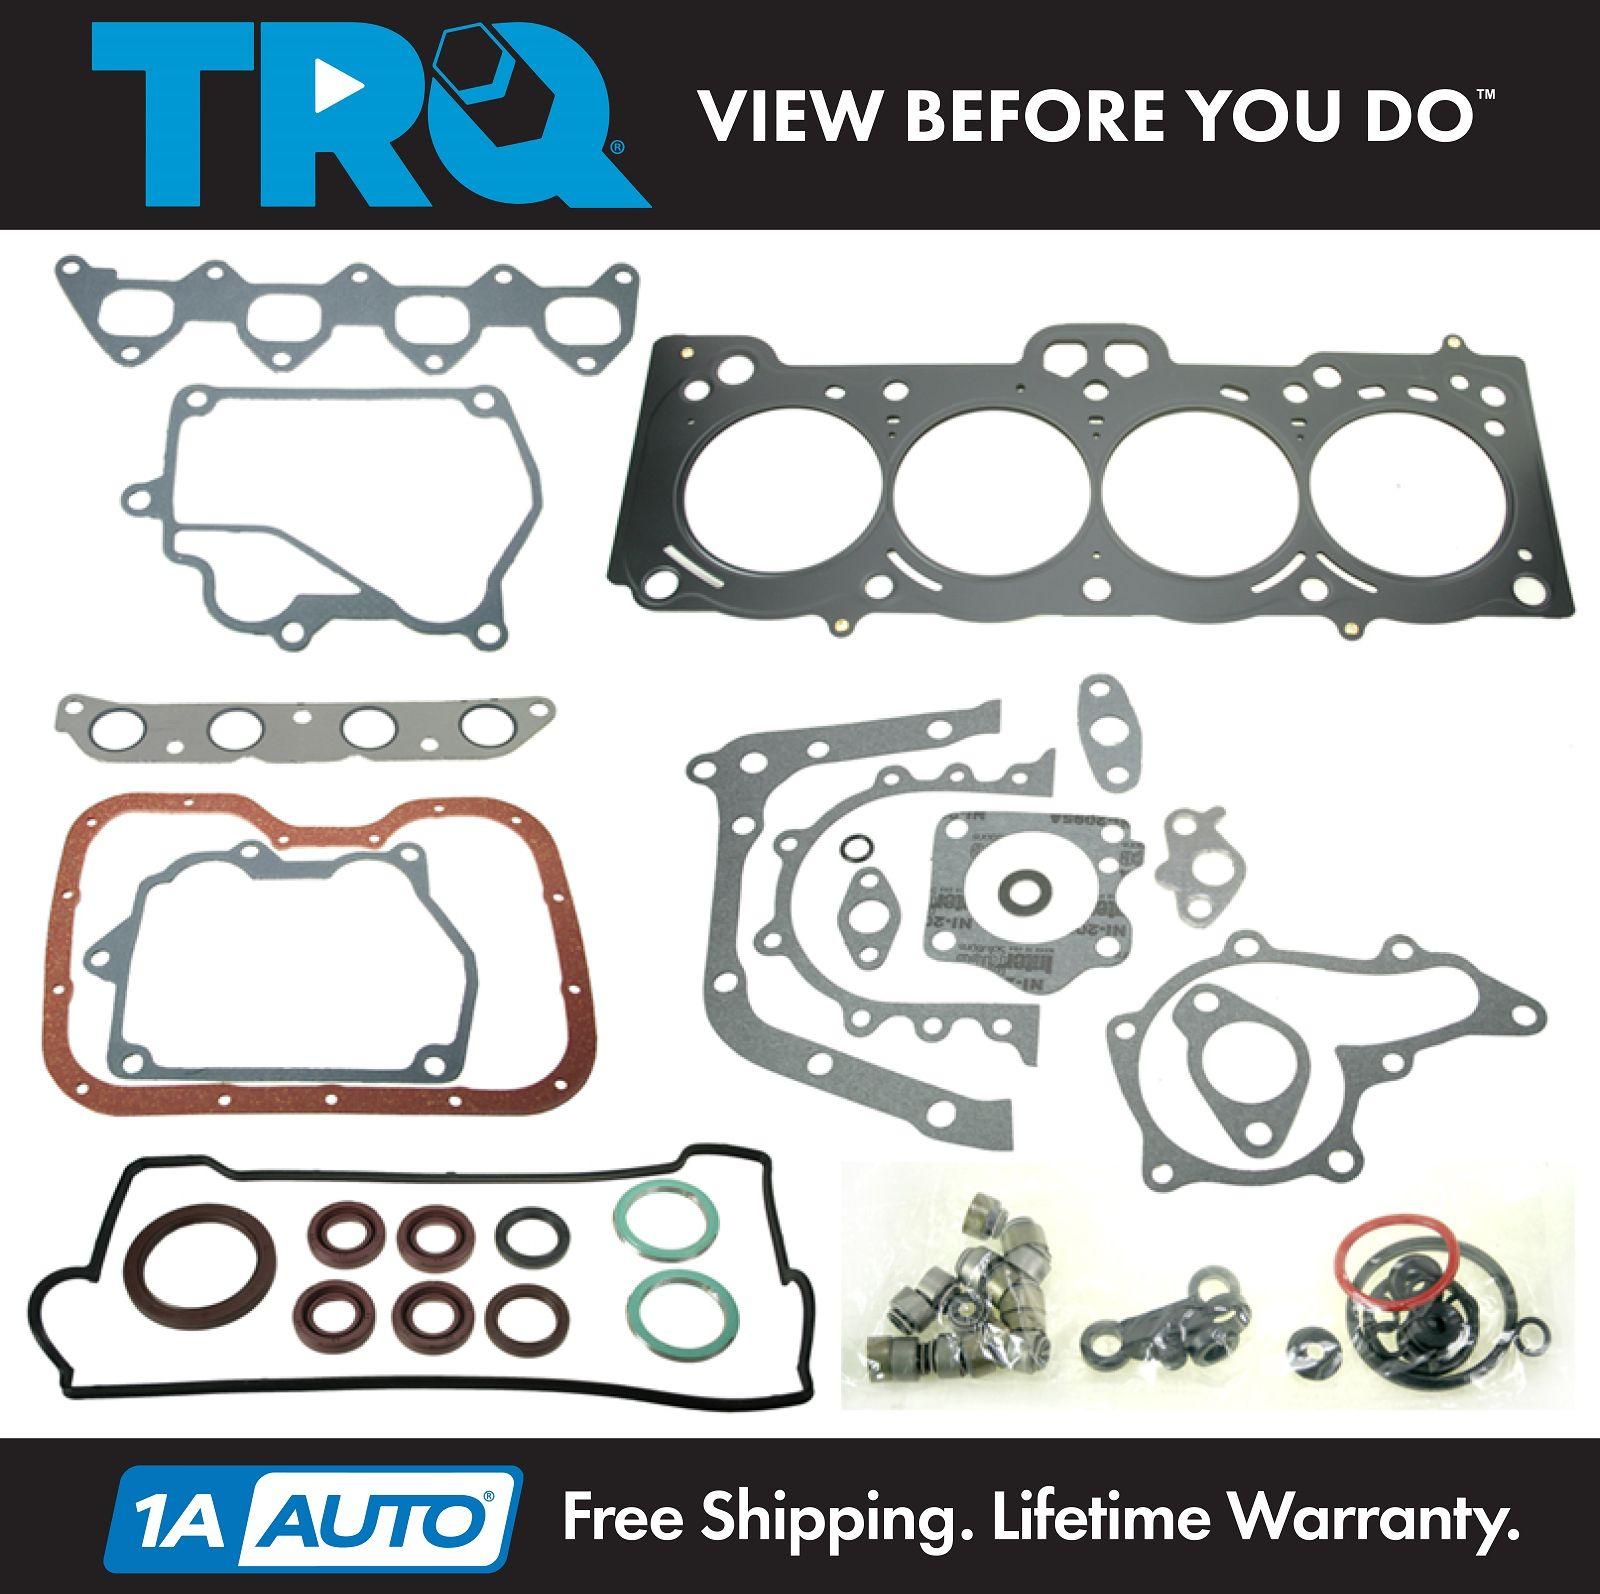 Engine Gasket Set Complete For 93-97 Prizm Celica Corolla